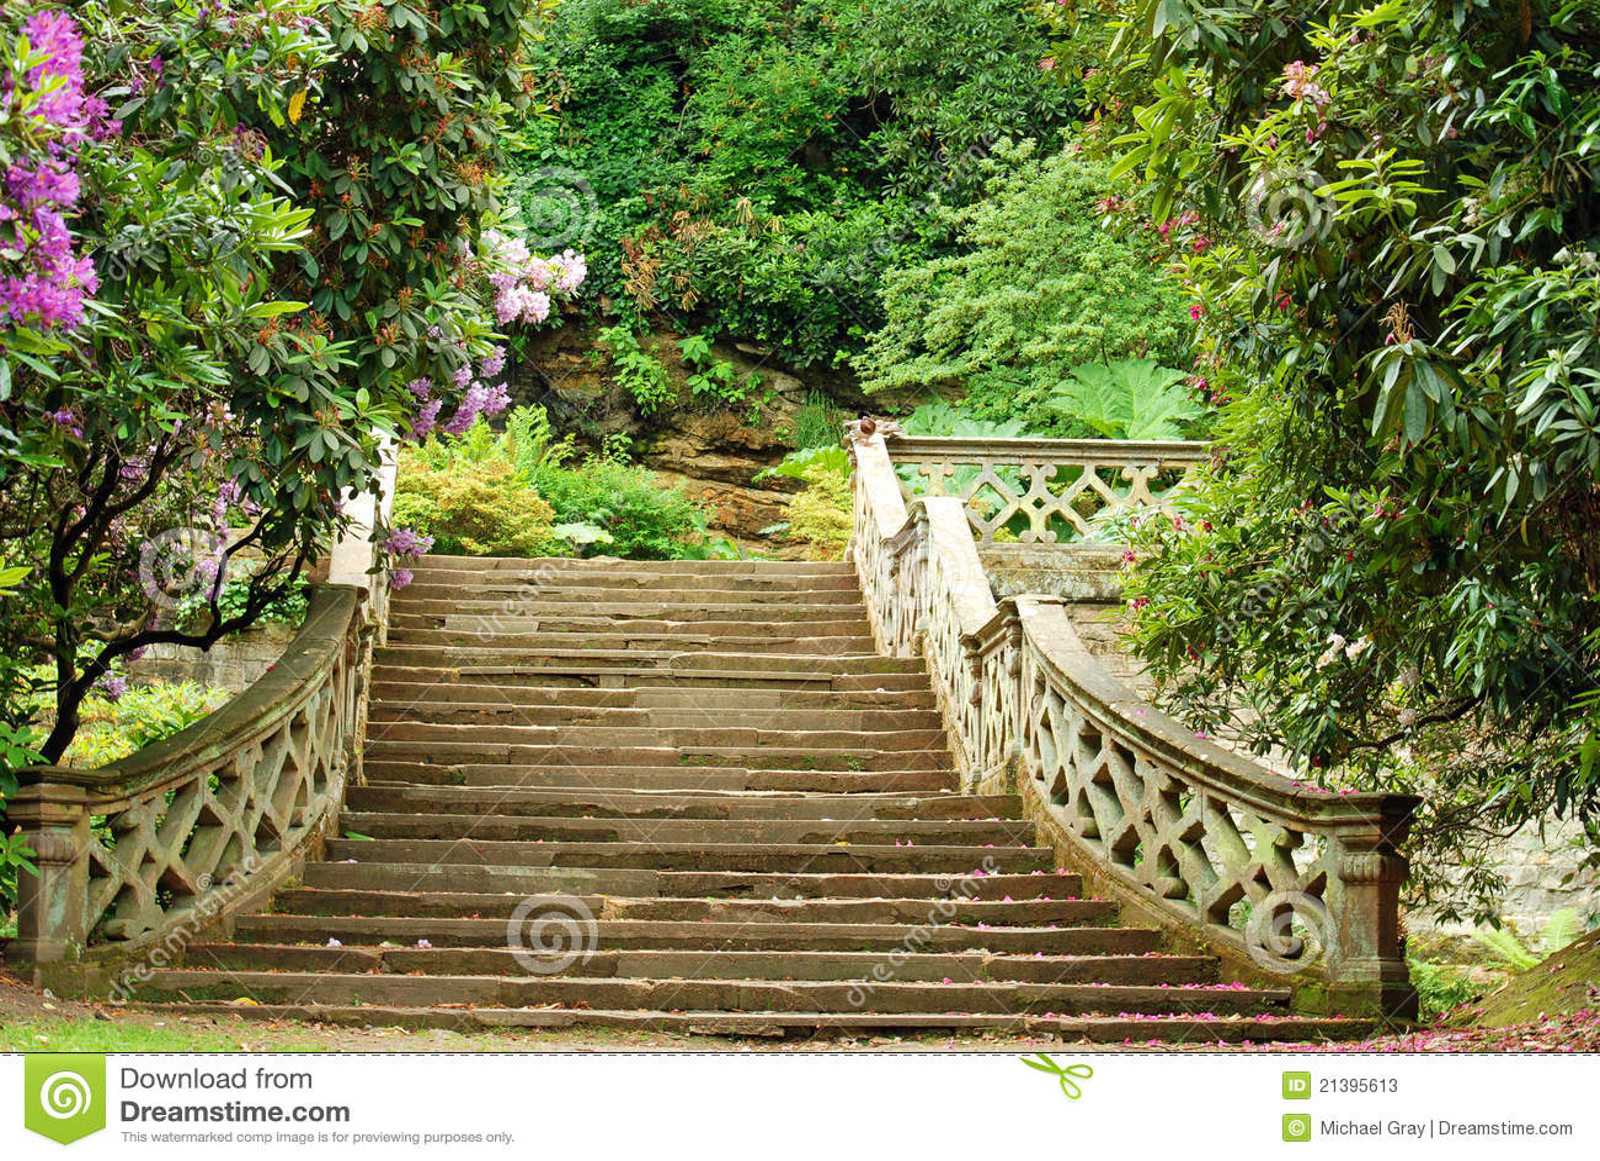 Escaleras de piedra en los jardines inglaterra del castillo de hever imagen de archivo imagen - Escaleras jardin ...